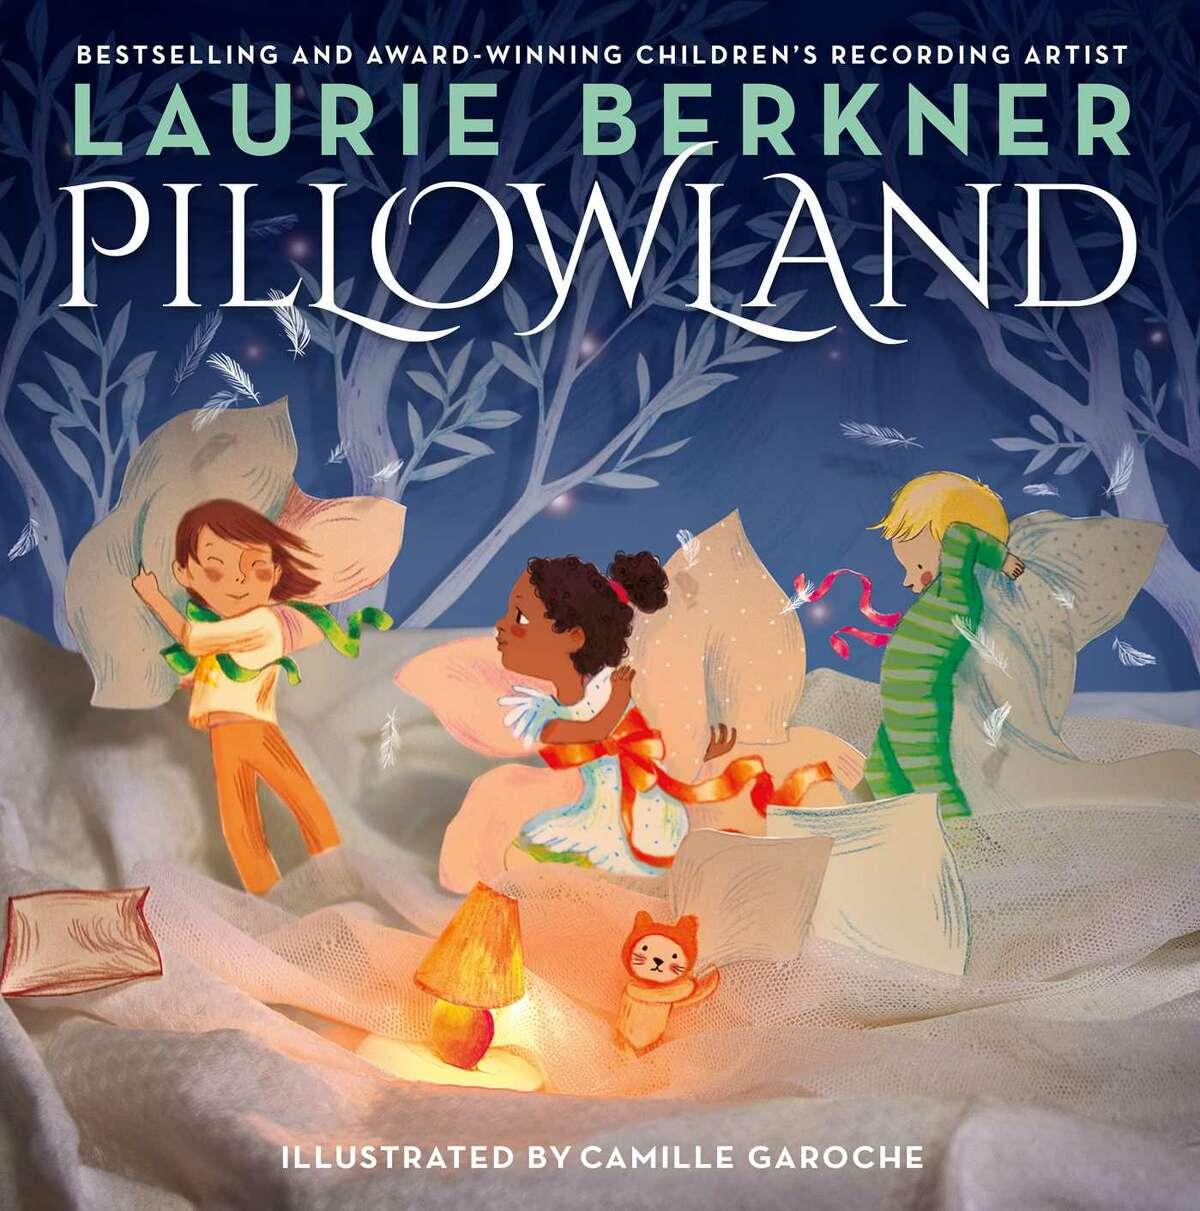 CHILDREN'S BOOKS: Laurie Berkner's Pillowland with illustrations by Camille Garoche. Simon & Schuster, $17.99